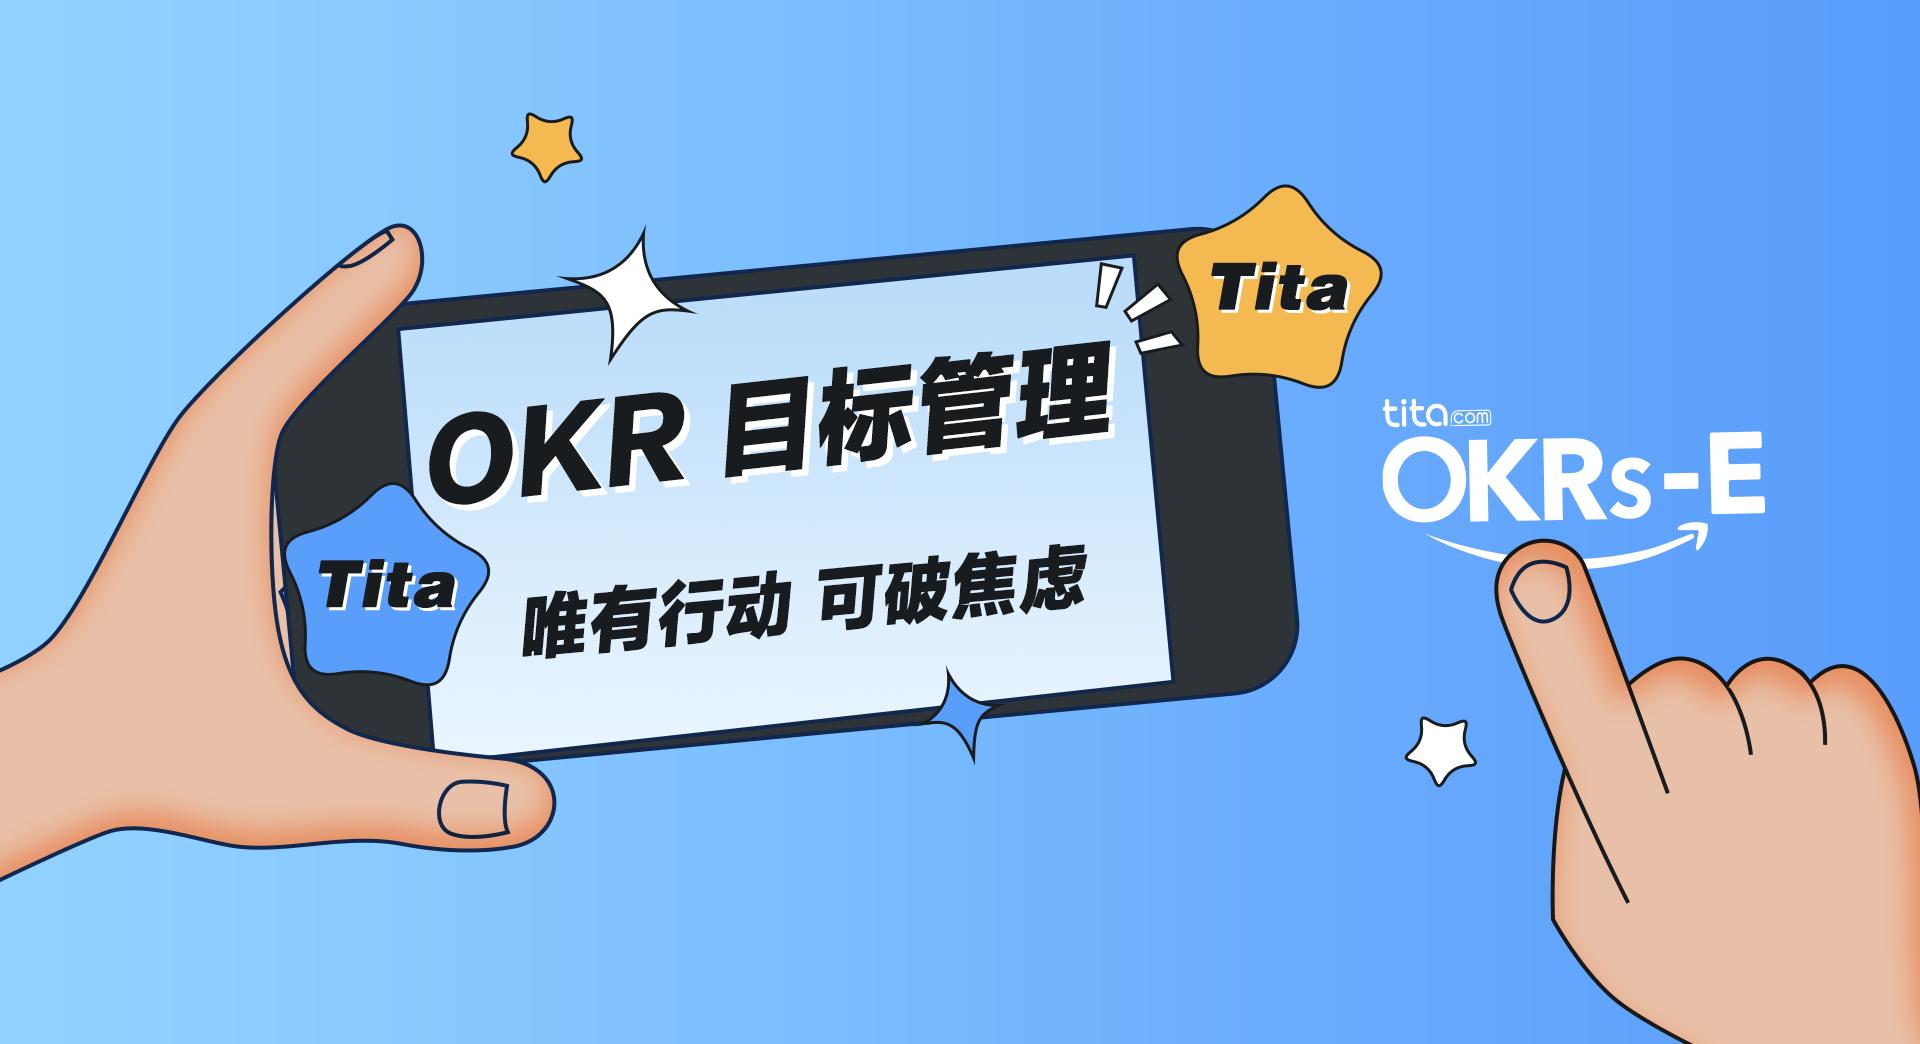 企业OKR应当从培养一个OKR大使开始